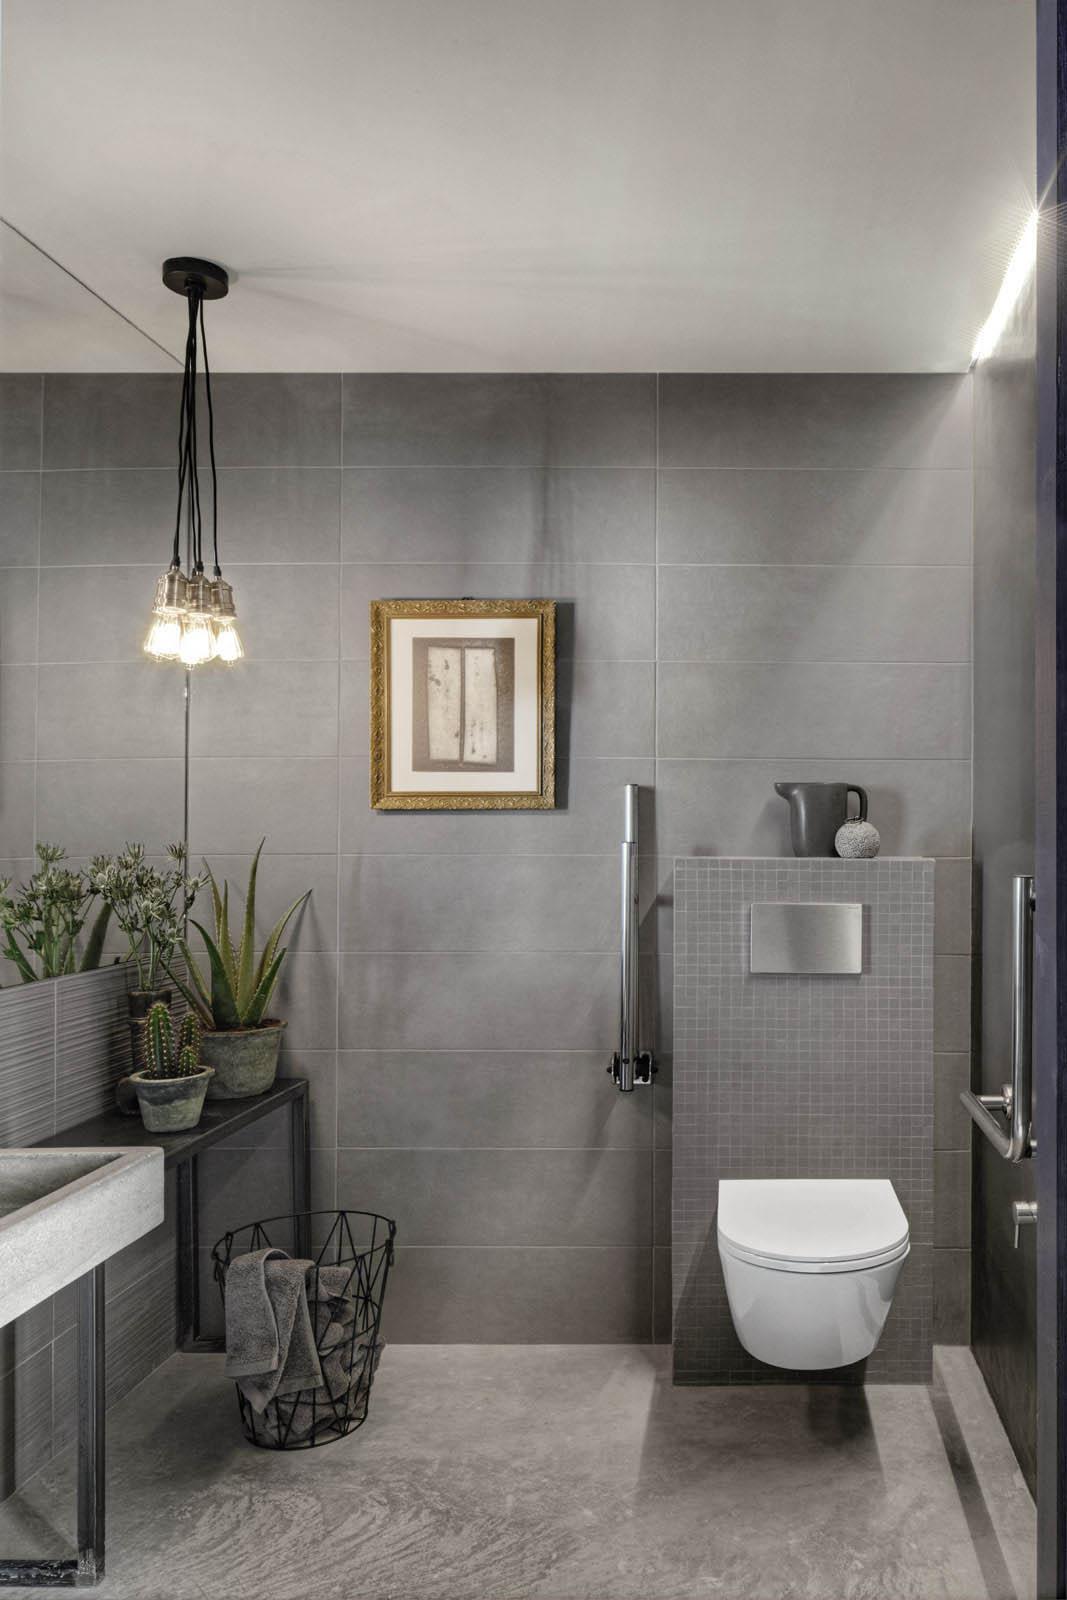 Badezimmer Betonoptik chalk wandverkleidung in zementoptik marazzi